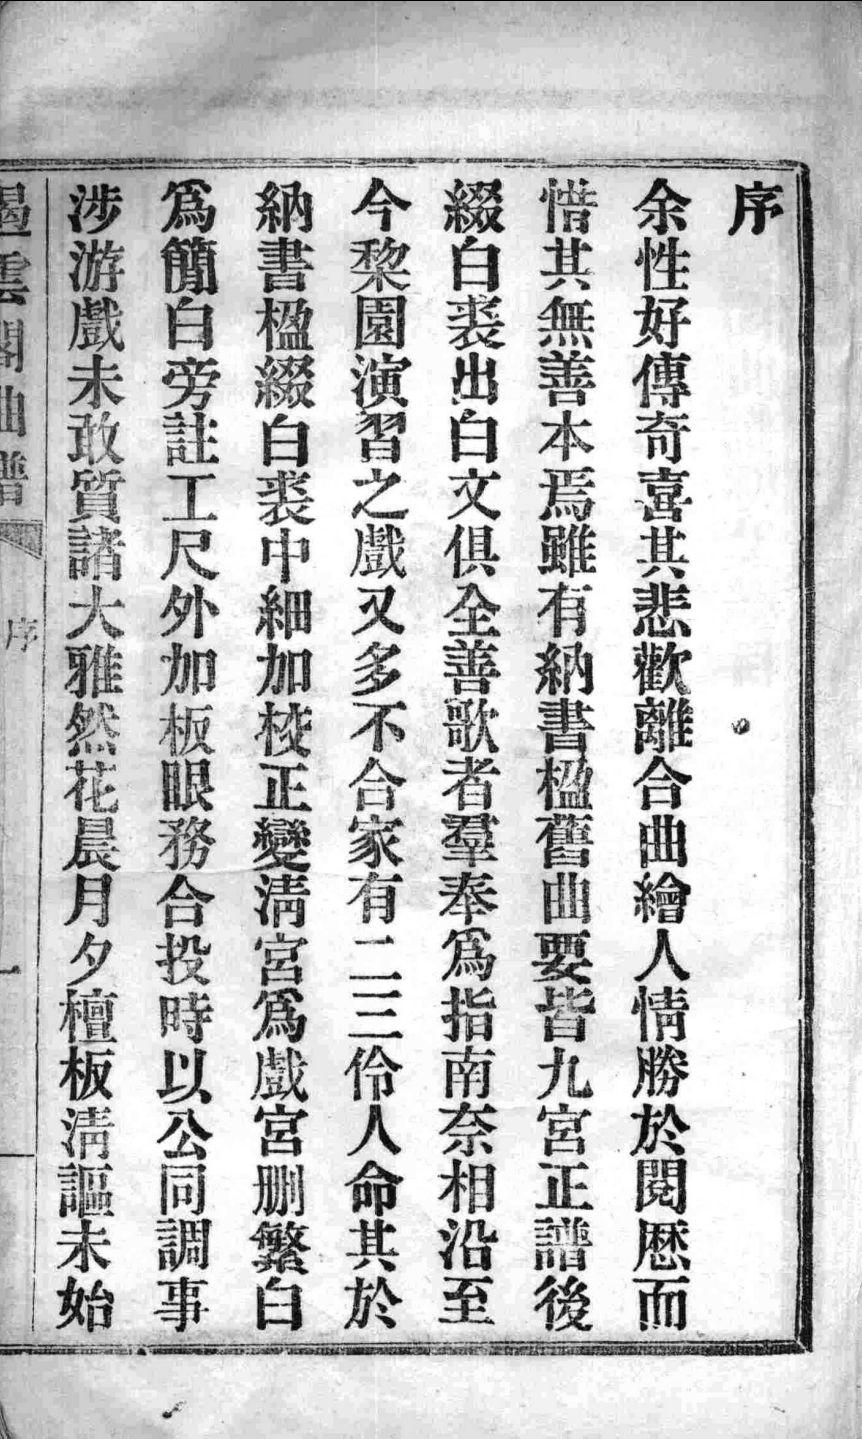 古寿歌谱-遏云阁曲谱